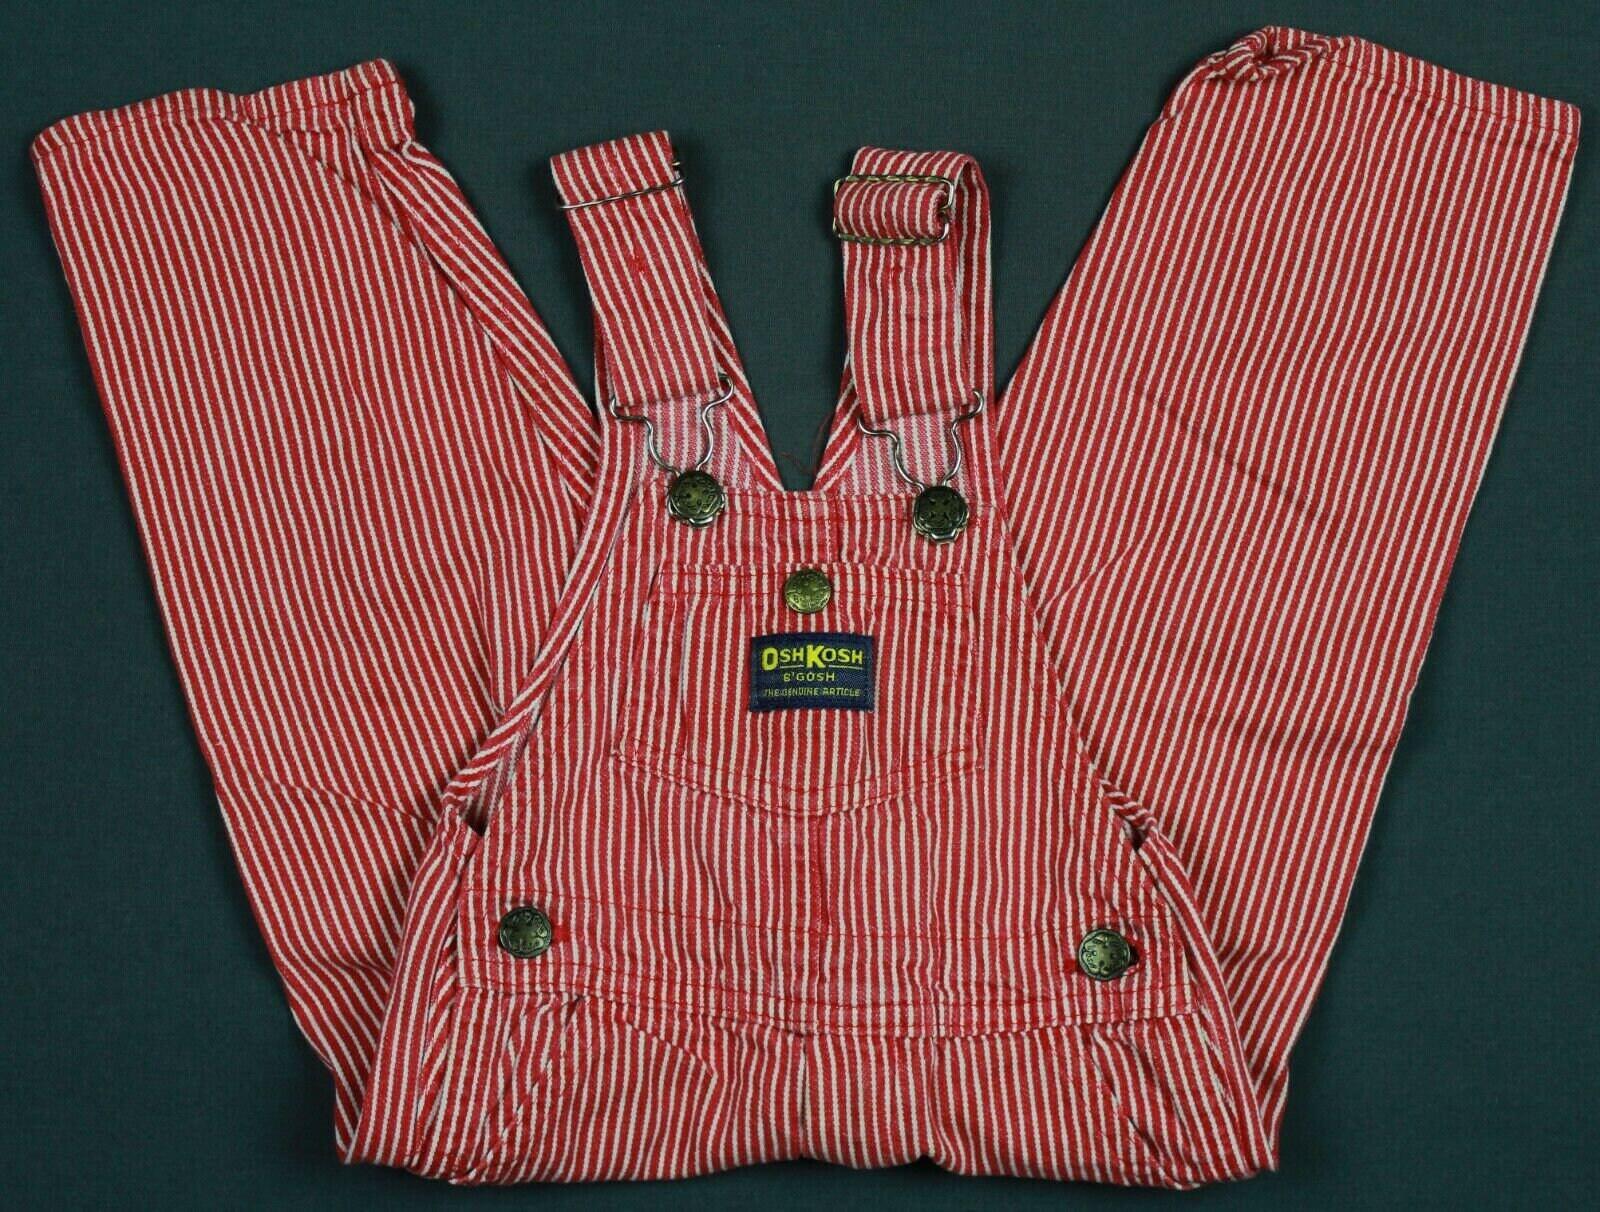 Vintage Overalls & Jumpsuits Vintage Oshkosh Bgosh Made in Usa Denim Vestbak Striped Overalls Toddler 3T Baby Infant Kids Costume $0.00 AT vintagedancer.com